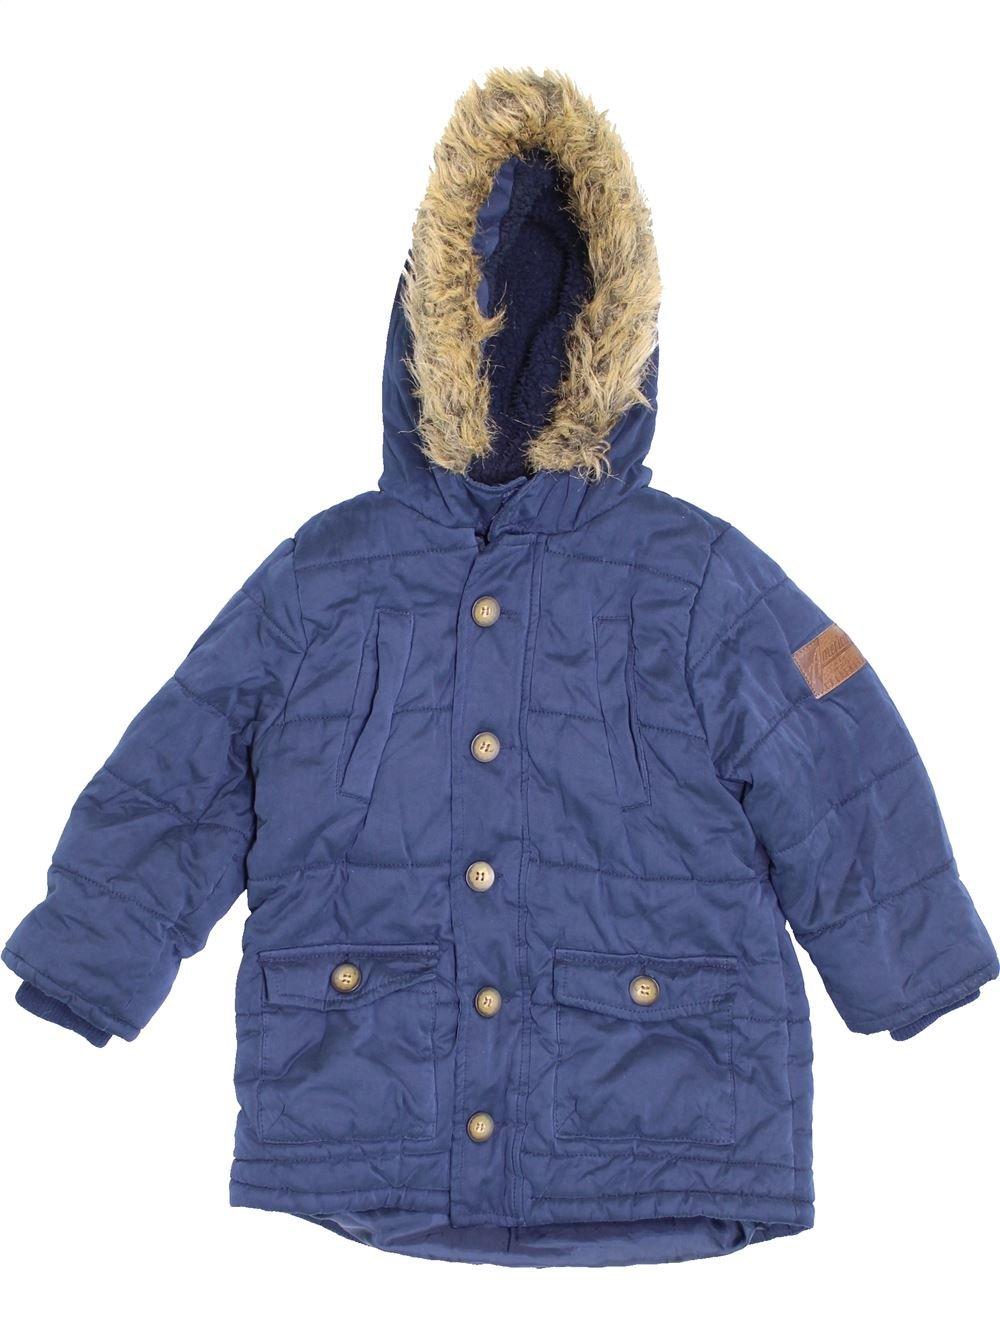 braderie aperçu de jolie et colorée Manteau Garçon KIABI 4 ans pas cher, 14.19 € - #1385701